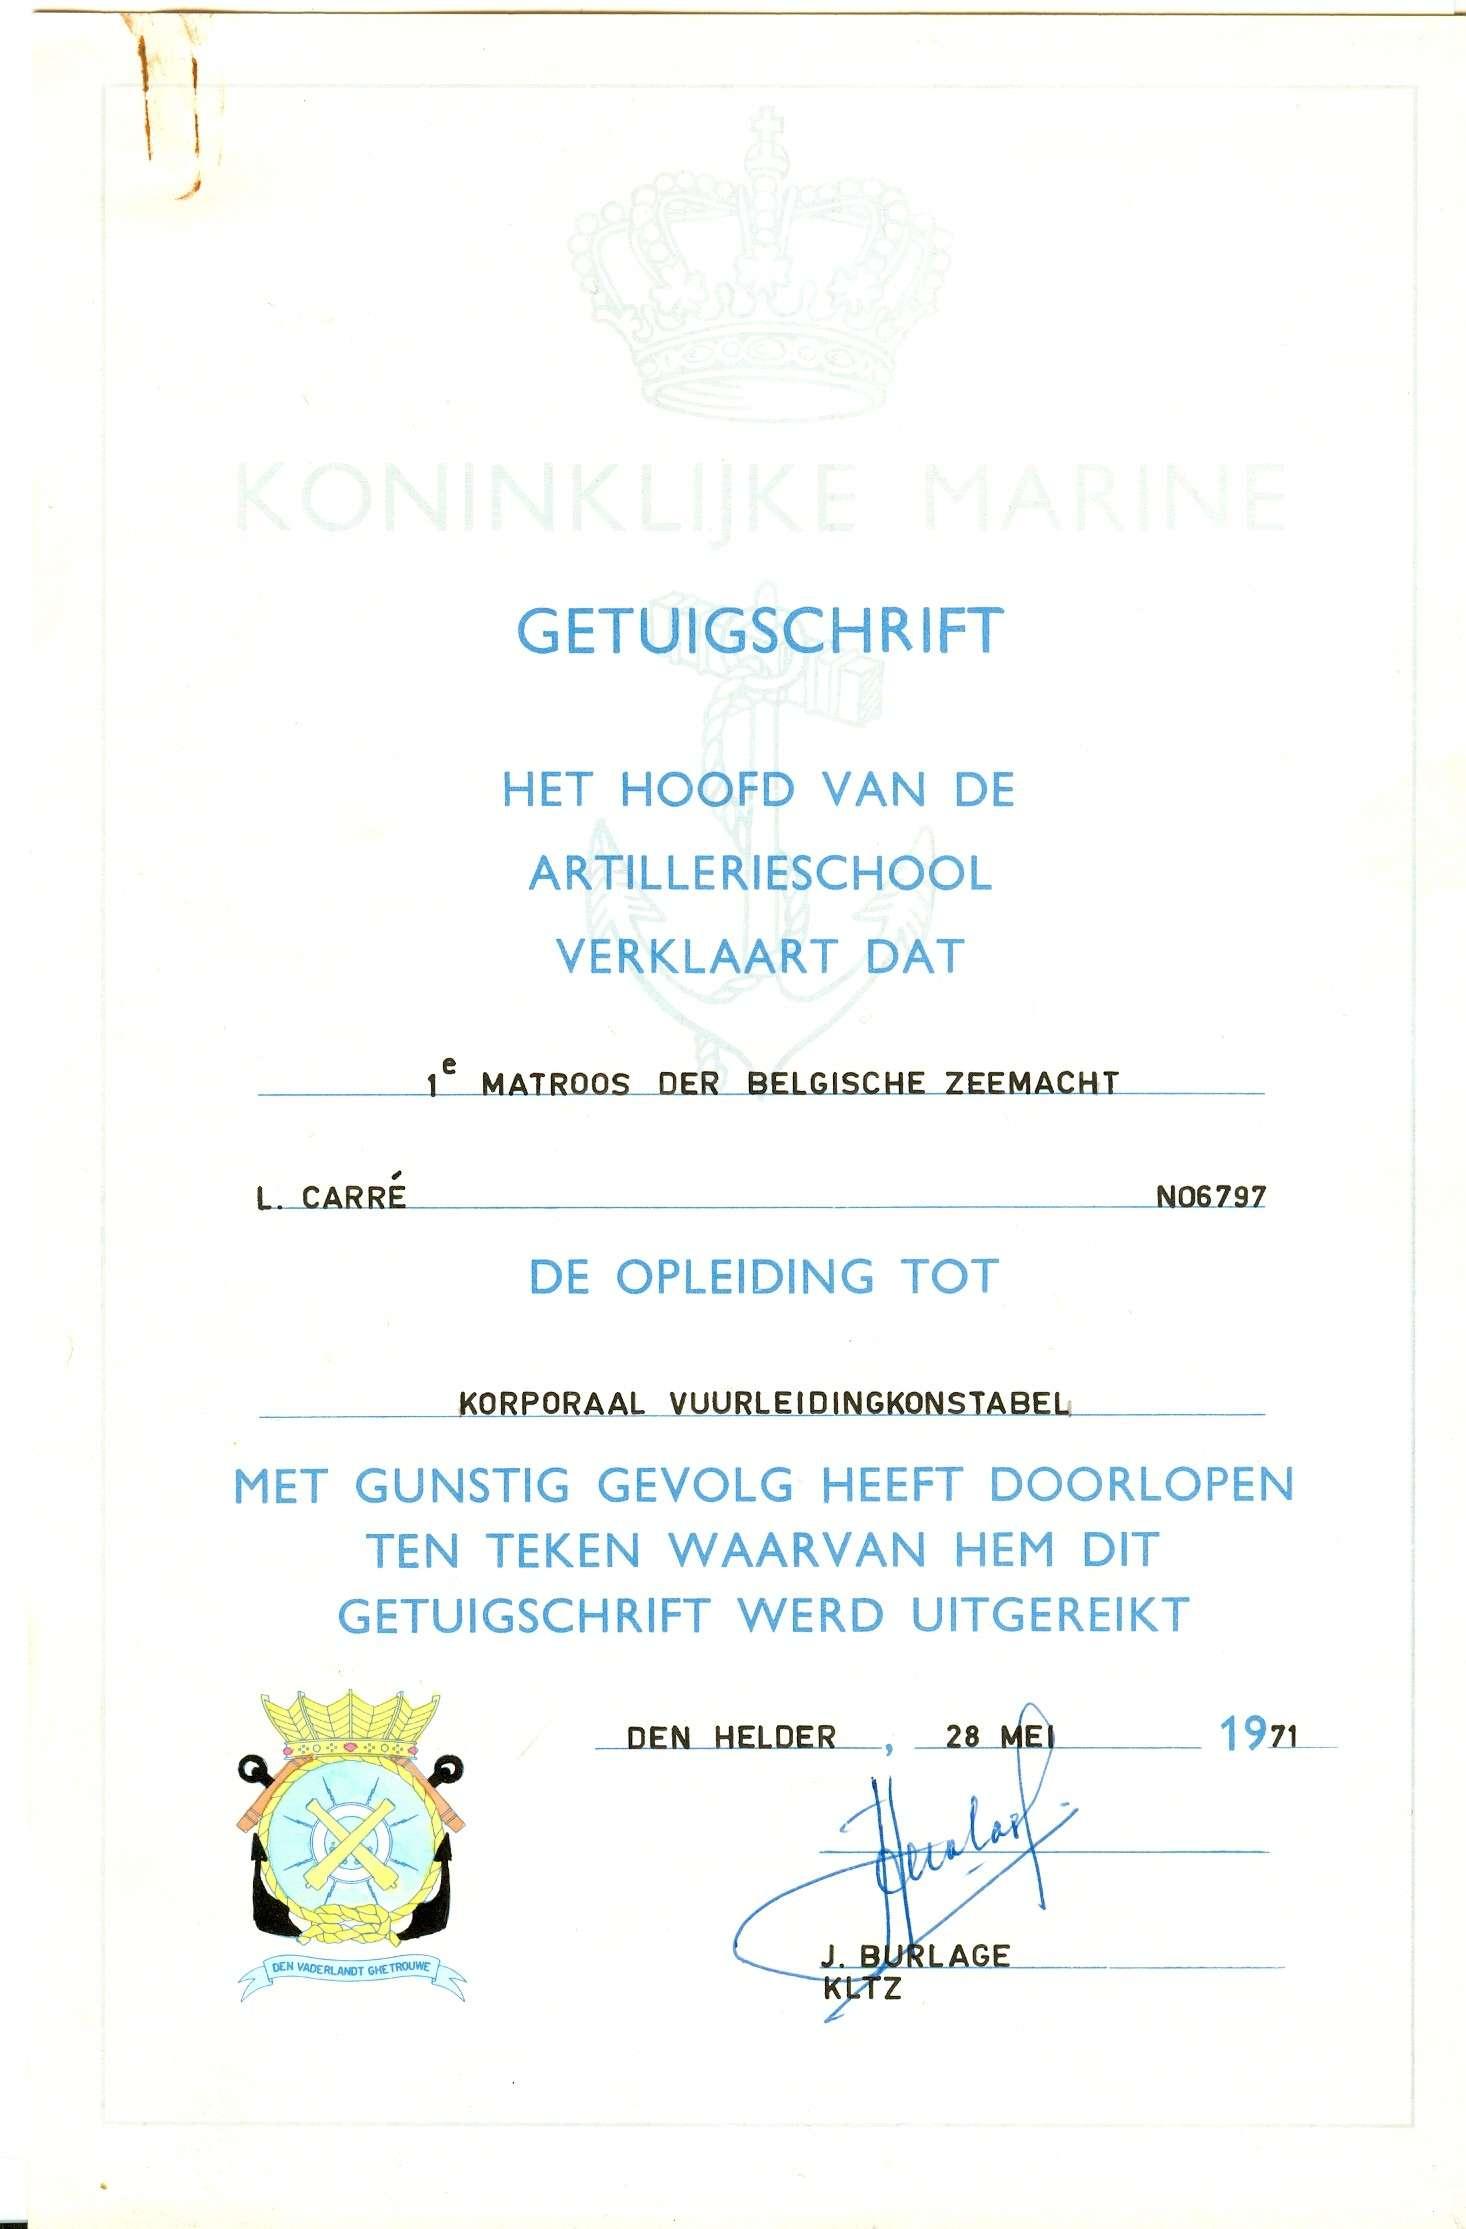 IN MEMORIUM LUC CARRE (loopbaan zeemacht) Luk00214